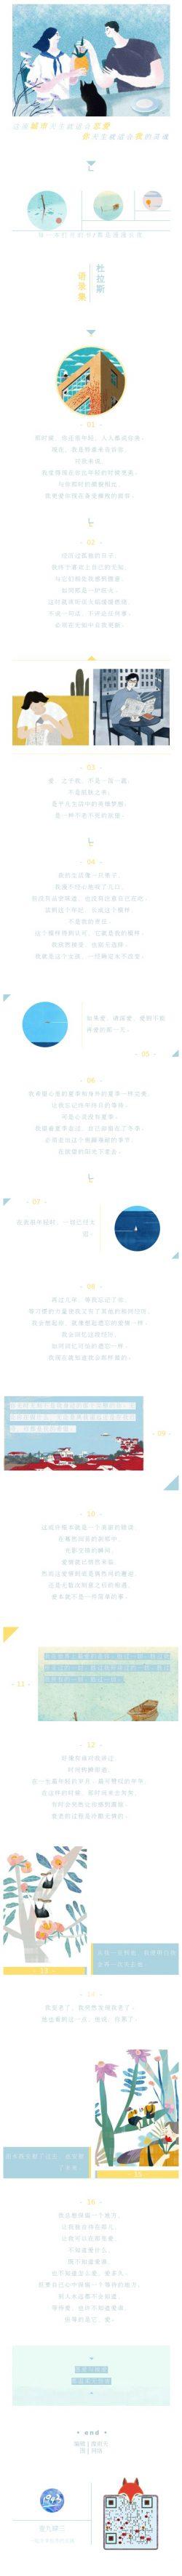 淡蓝色小清新风格文章模板美文语录